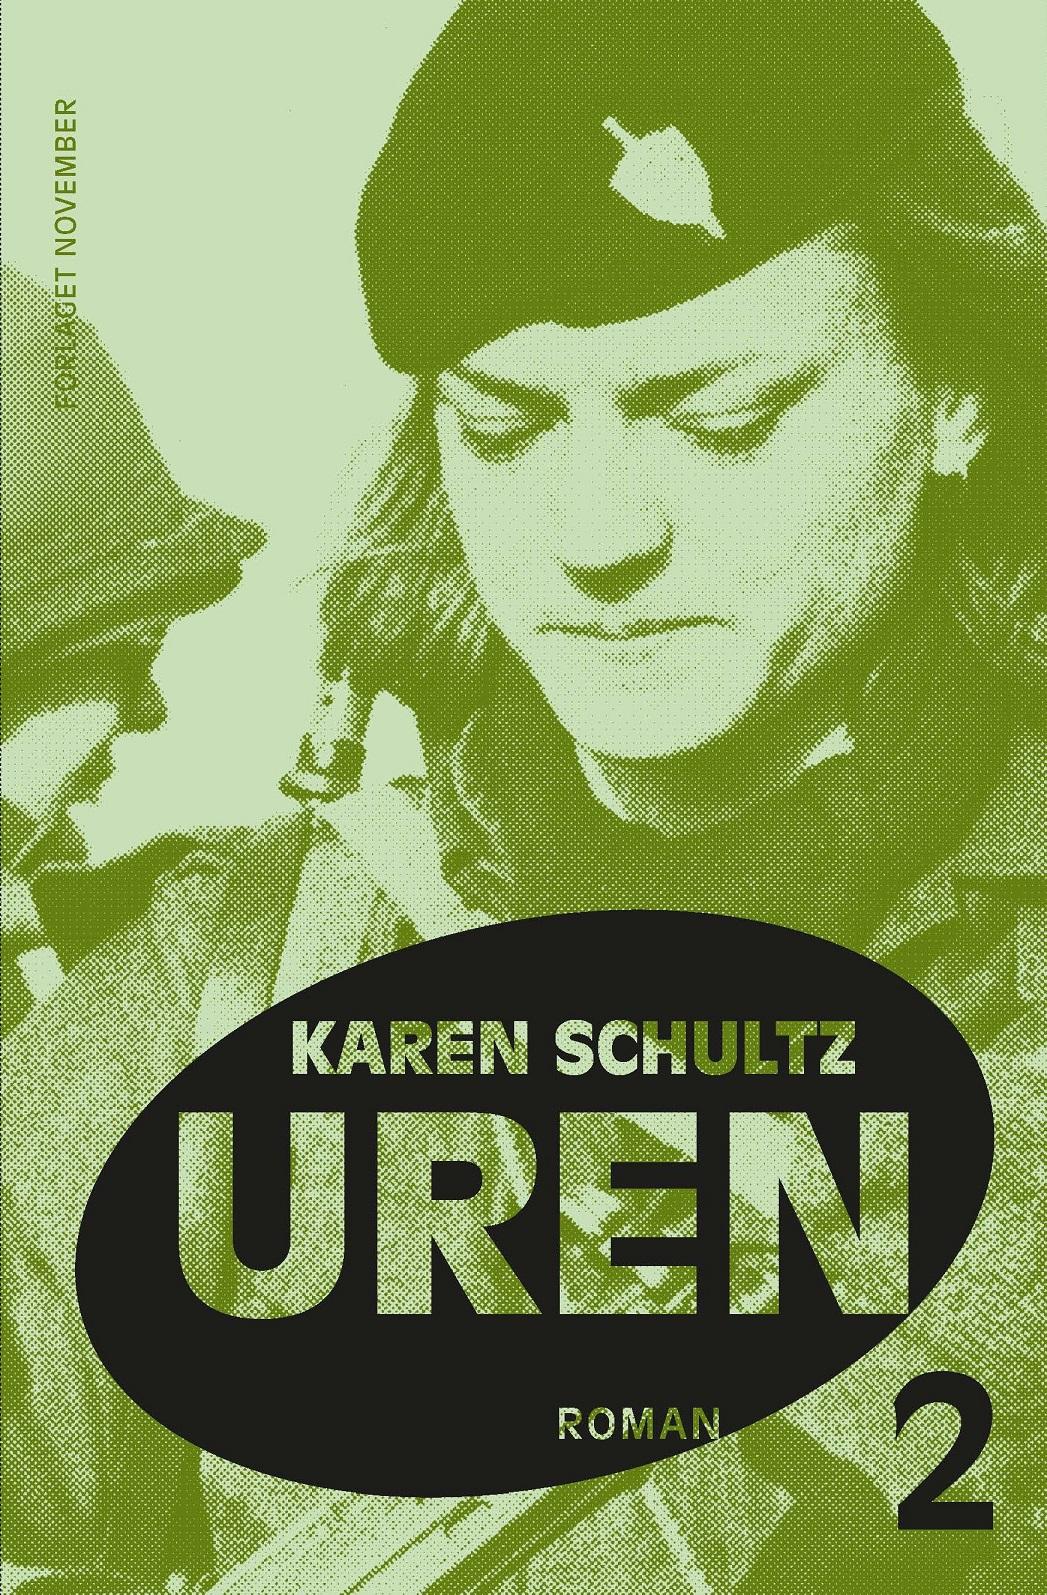 Uren 1 + 2 af Karen Schultz